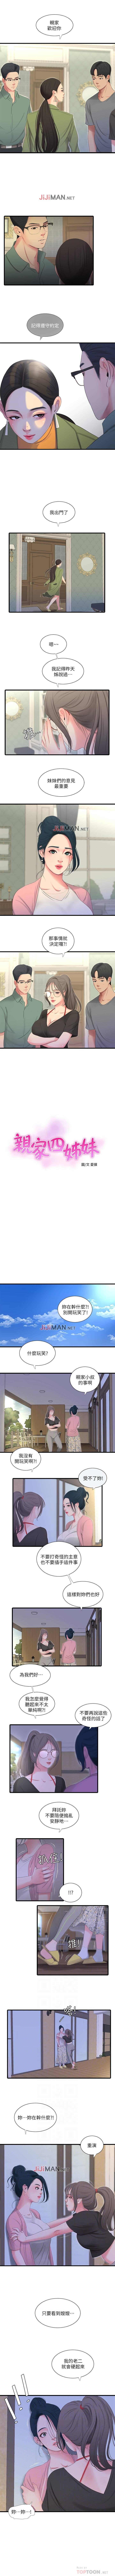 【周四连载】亲家四姐妹(作者:愛摸) 第1~37话 78